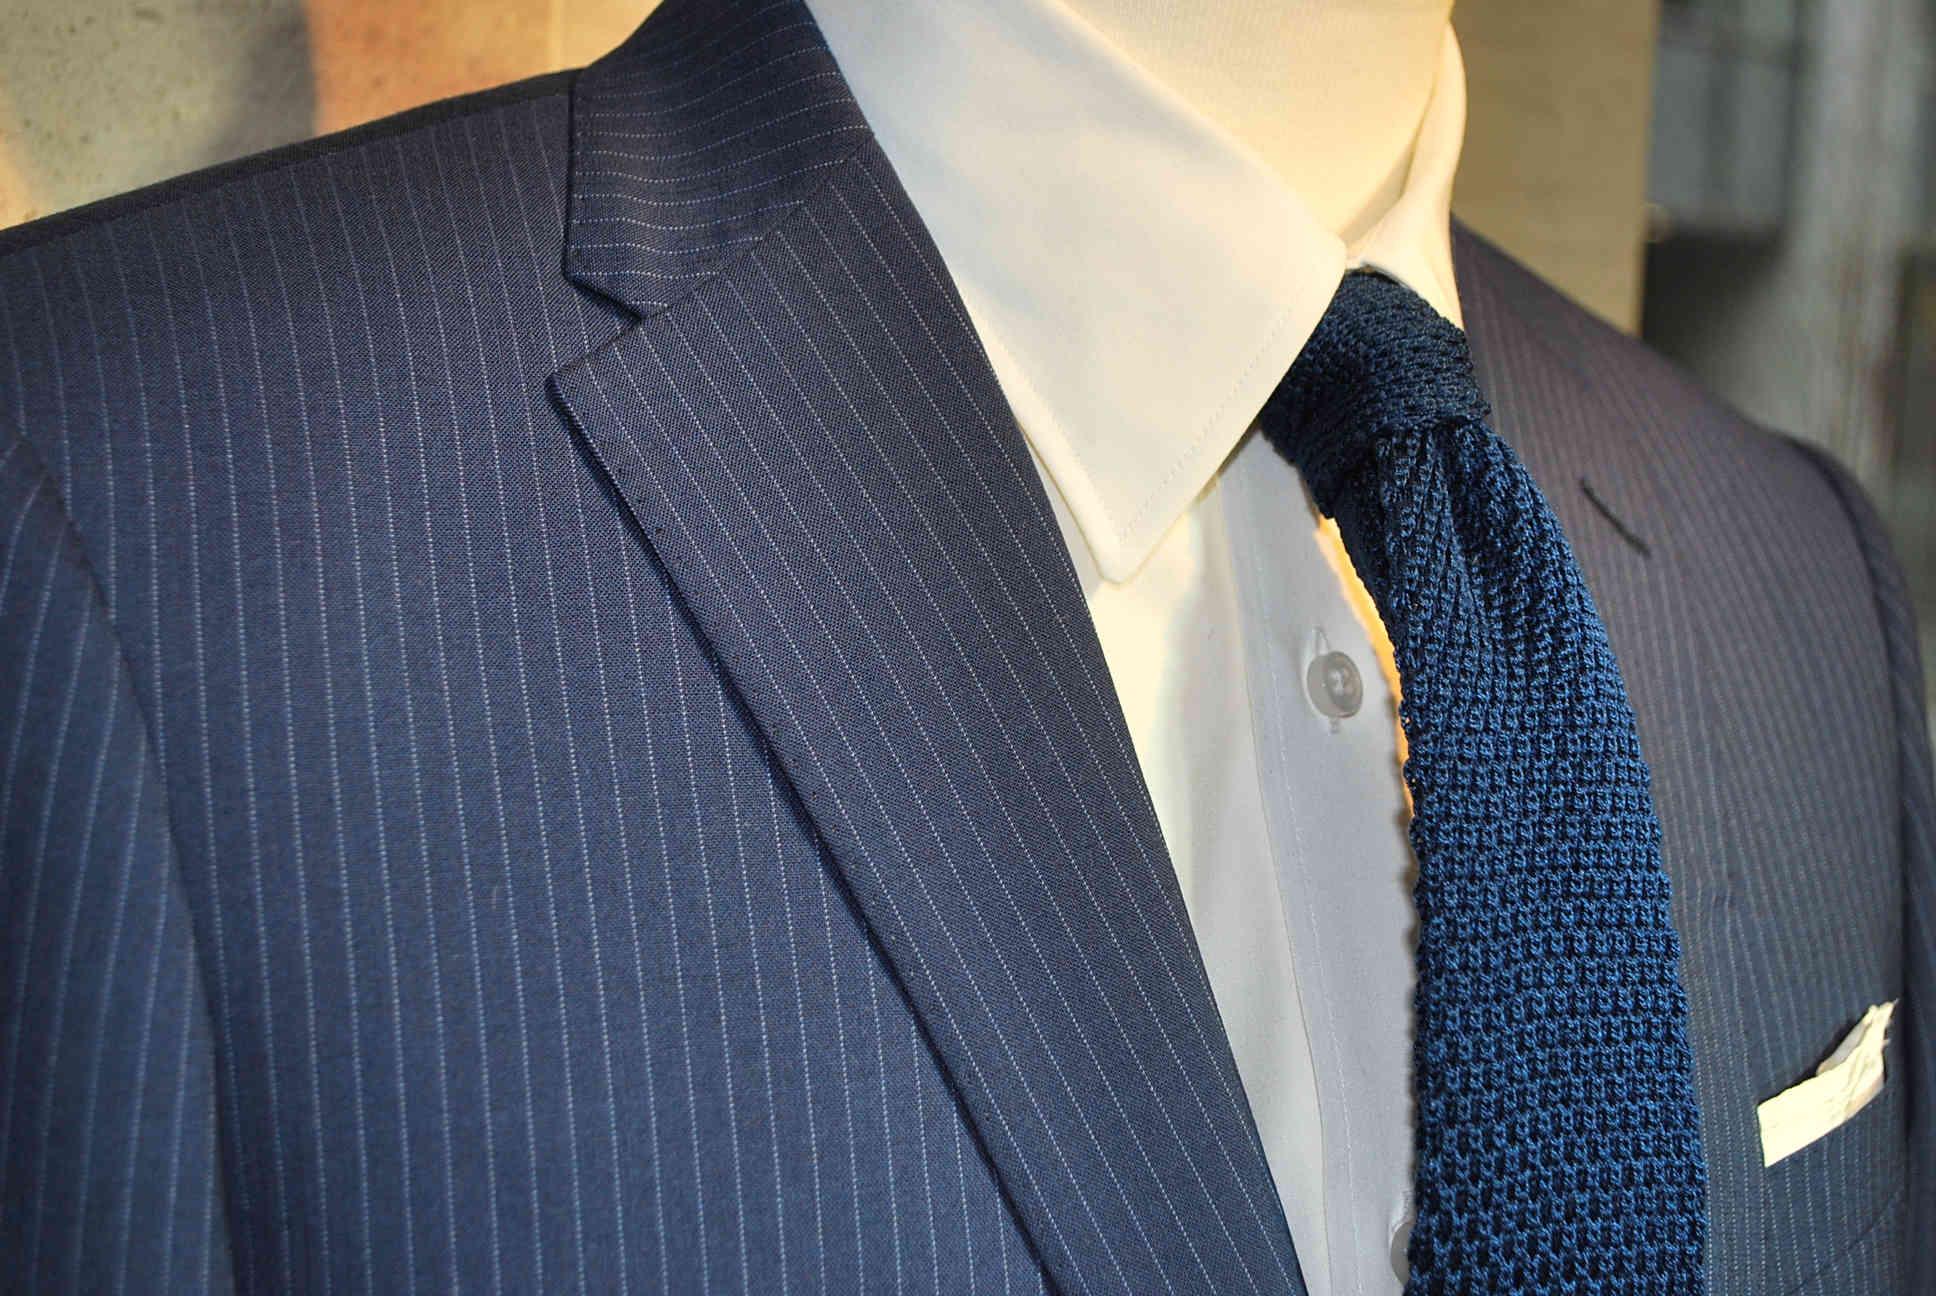 2019年卒の就活は何色のリクルートスーツを着たら良いか